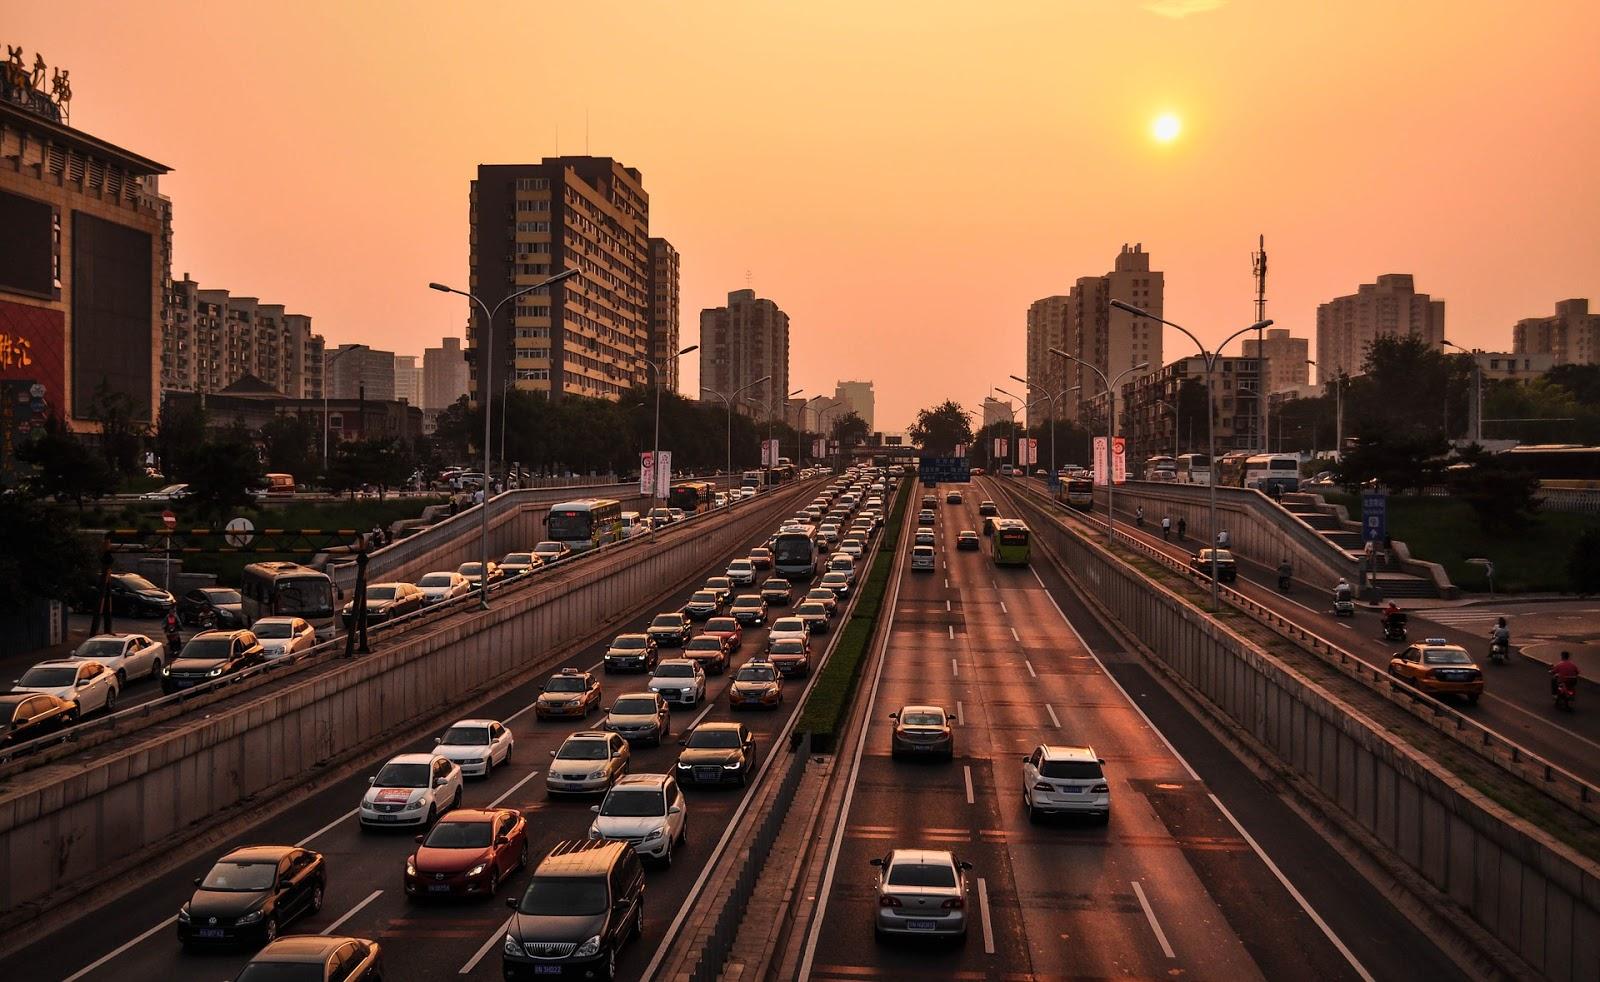 carretera ciudad